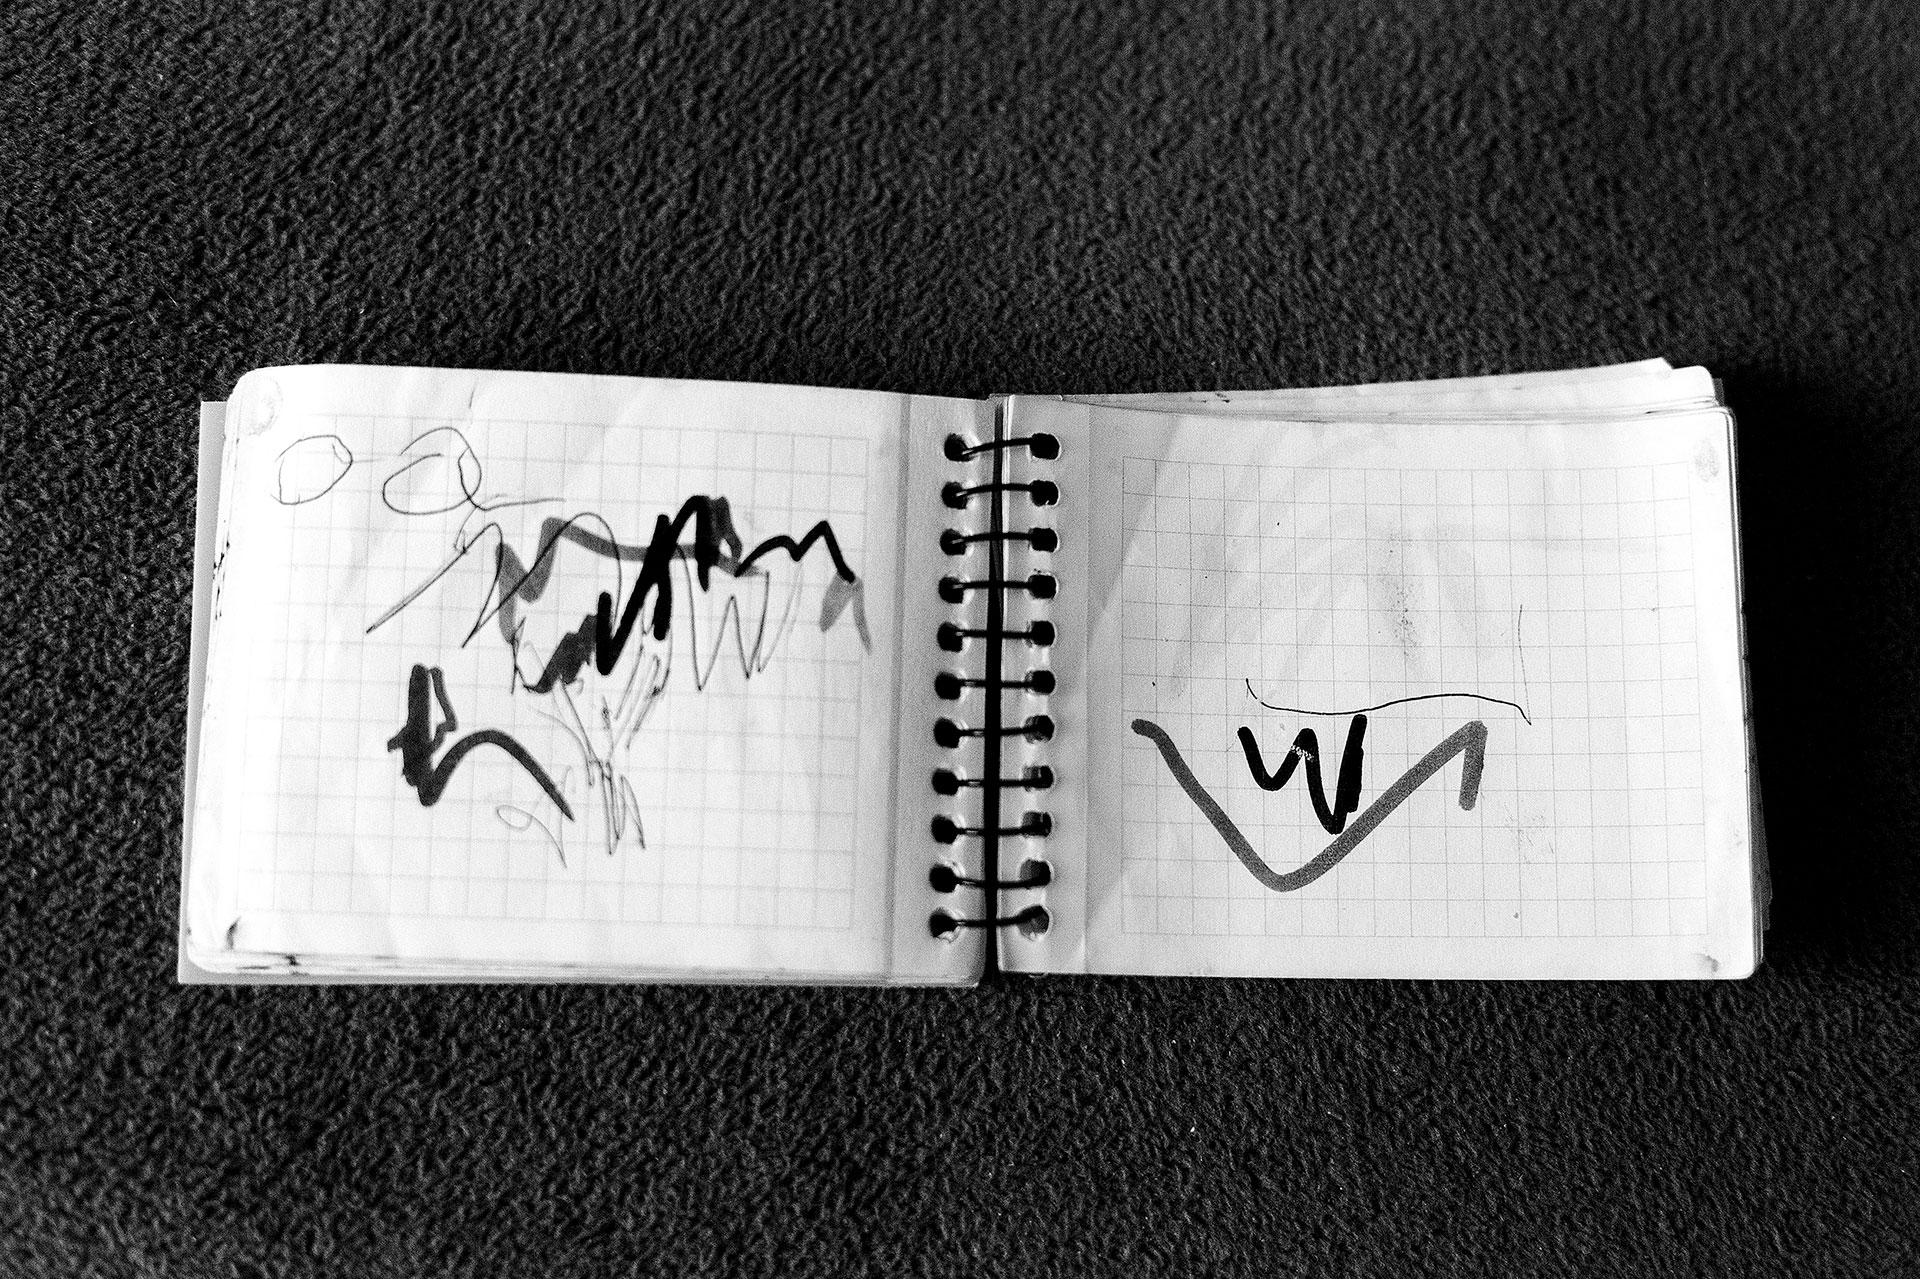 Cuaderno de escritura de Nacho. Debido a la deformidad de sus manos, la capacidad de escritura de Nacho se limita a trazos irregulares.